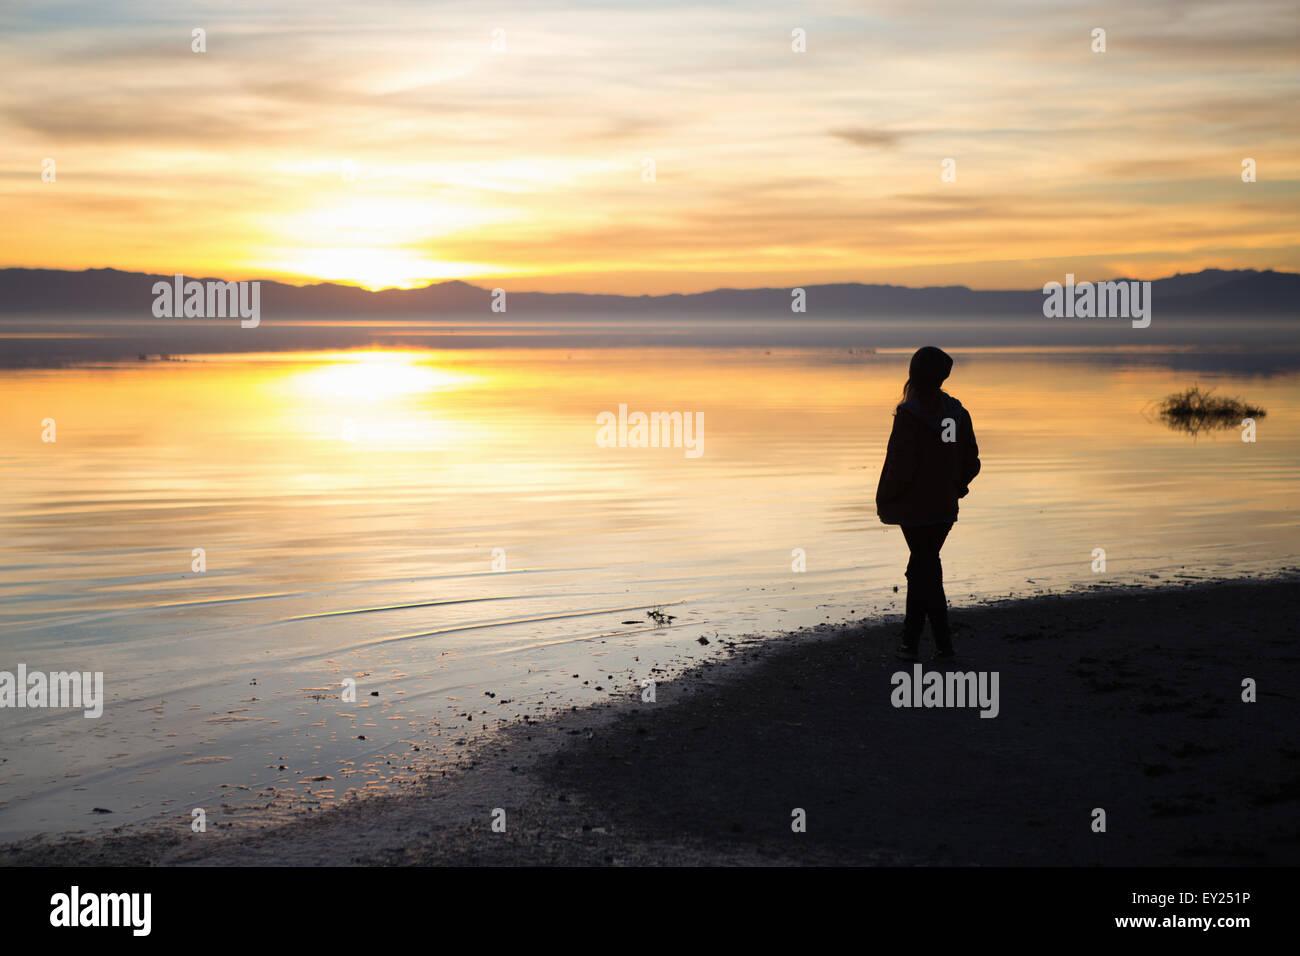 Jeune femme debout au bord de l'eau, regarder le coucher du soleil, vue arrière Photo Stock